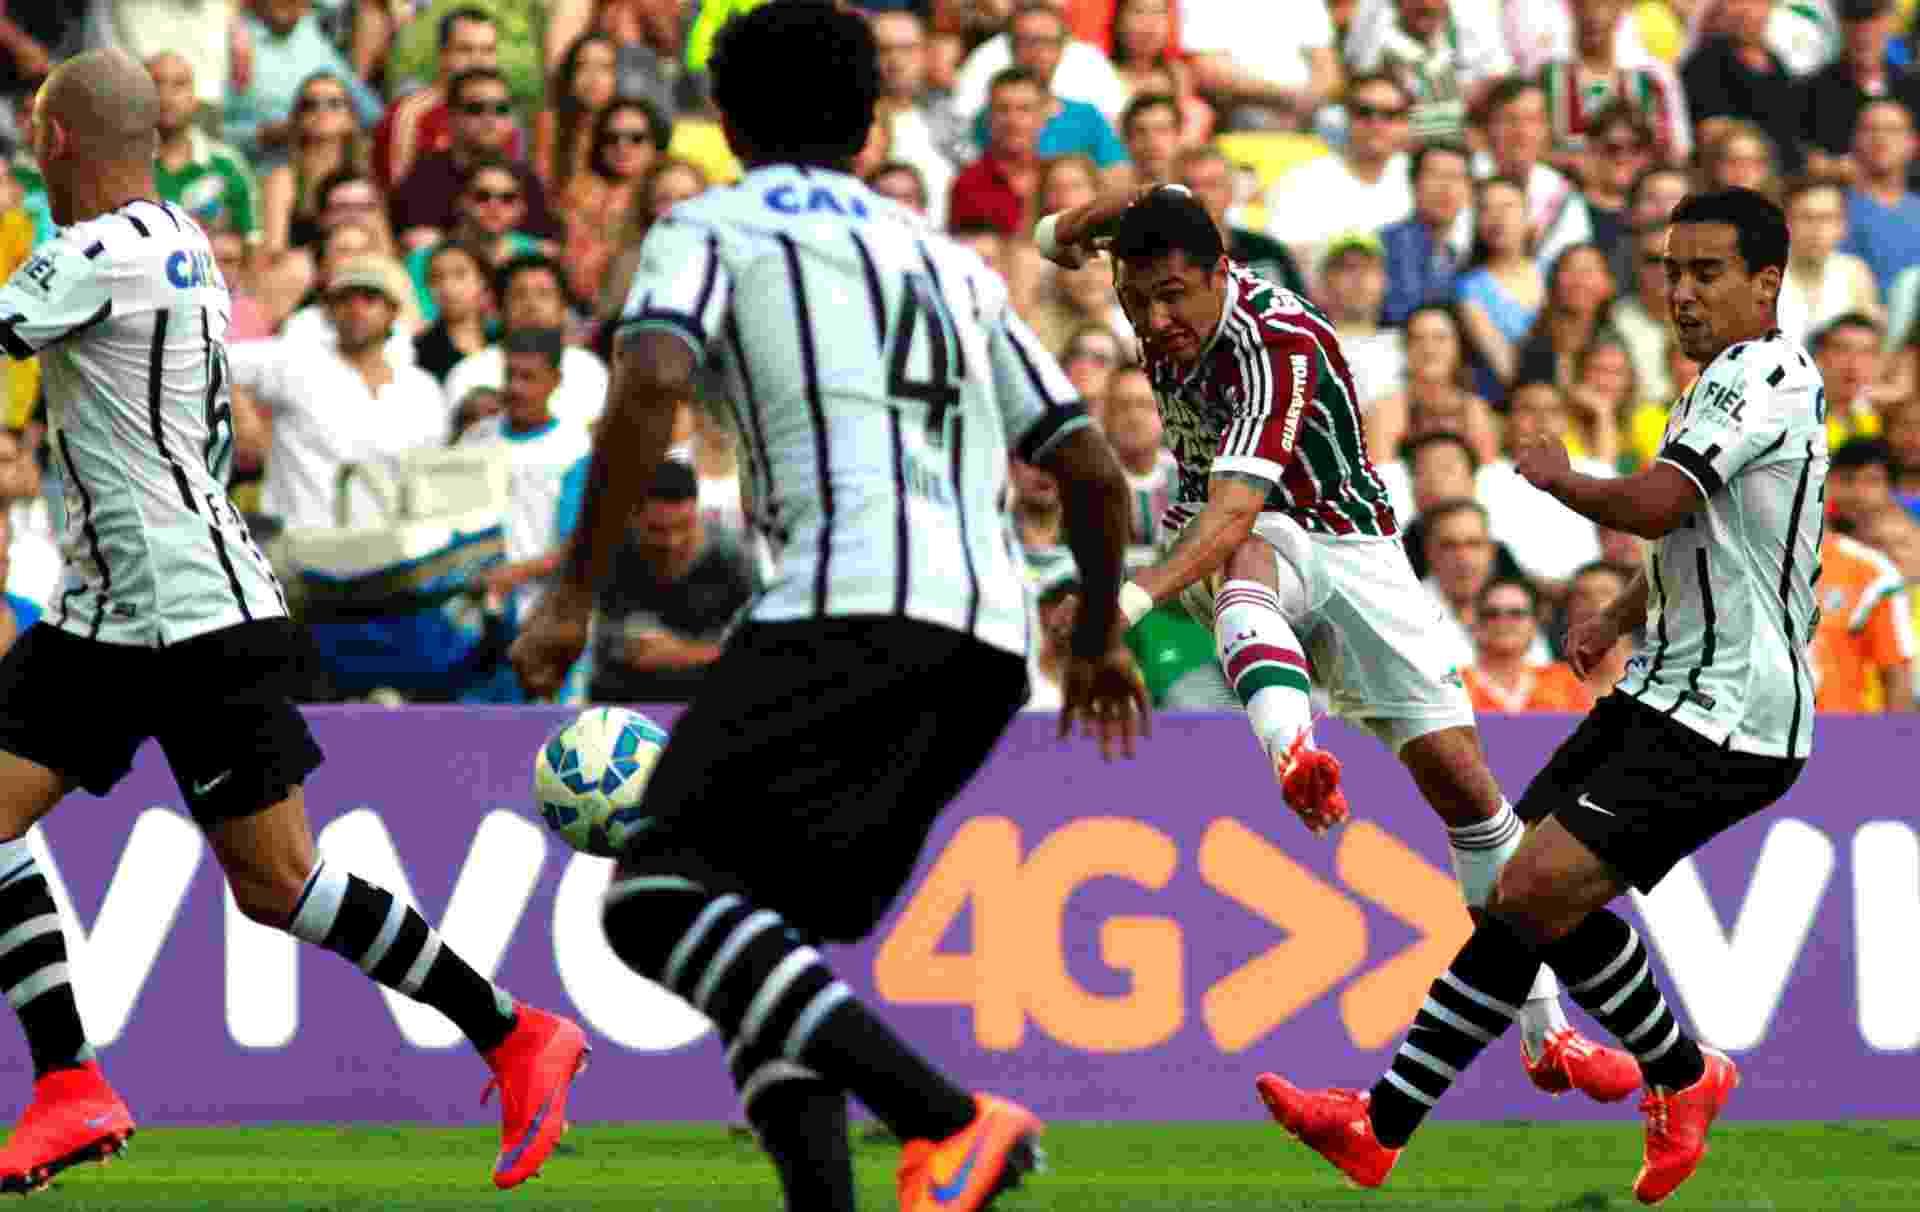 Fotos  Fluminense x Corinthians pelo Brasileirão nesse domingo (24 ... 7892f4d8f01a5